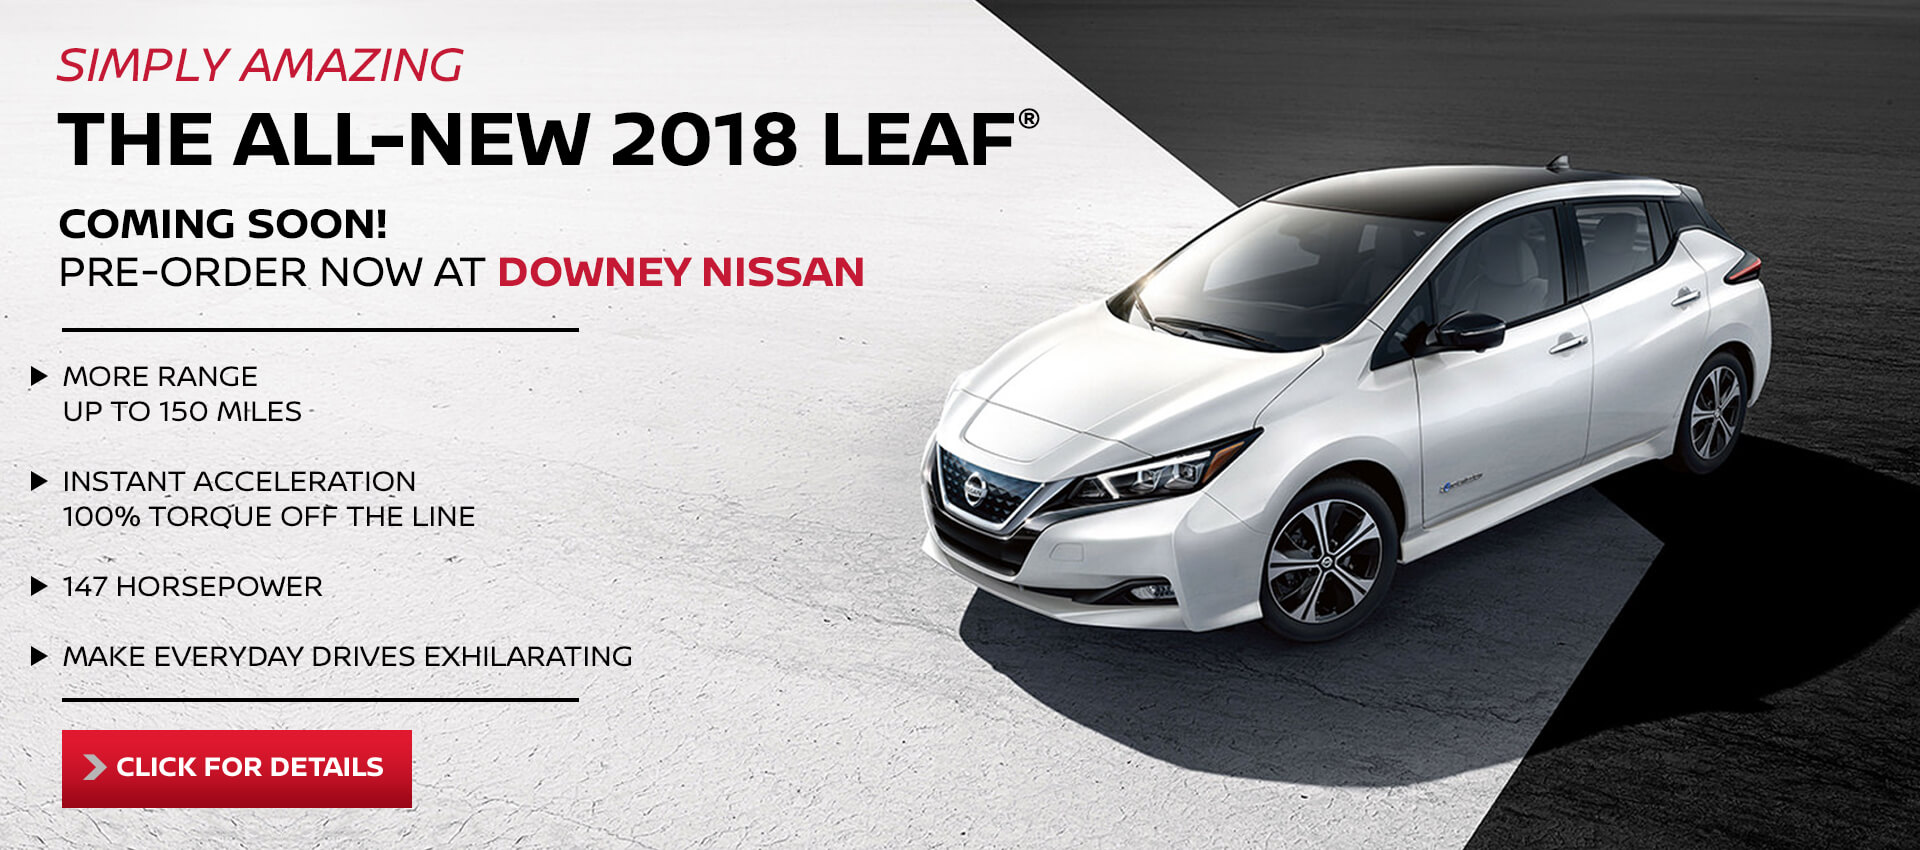 2018 Leaf